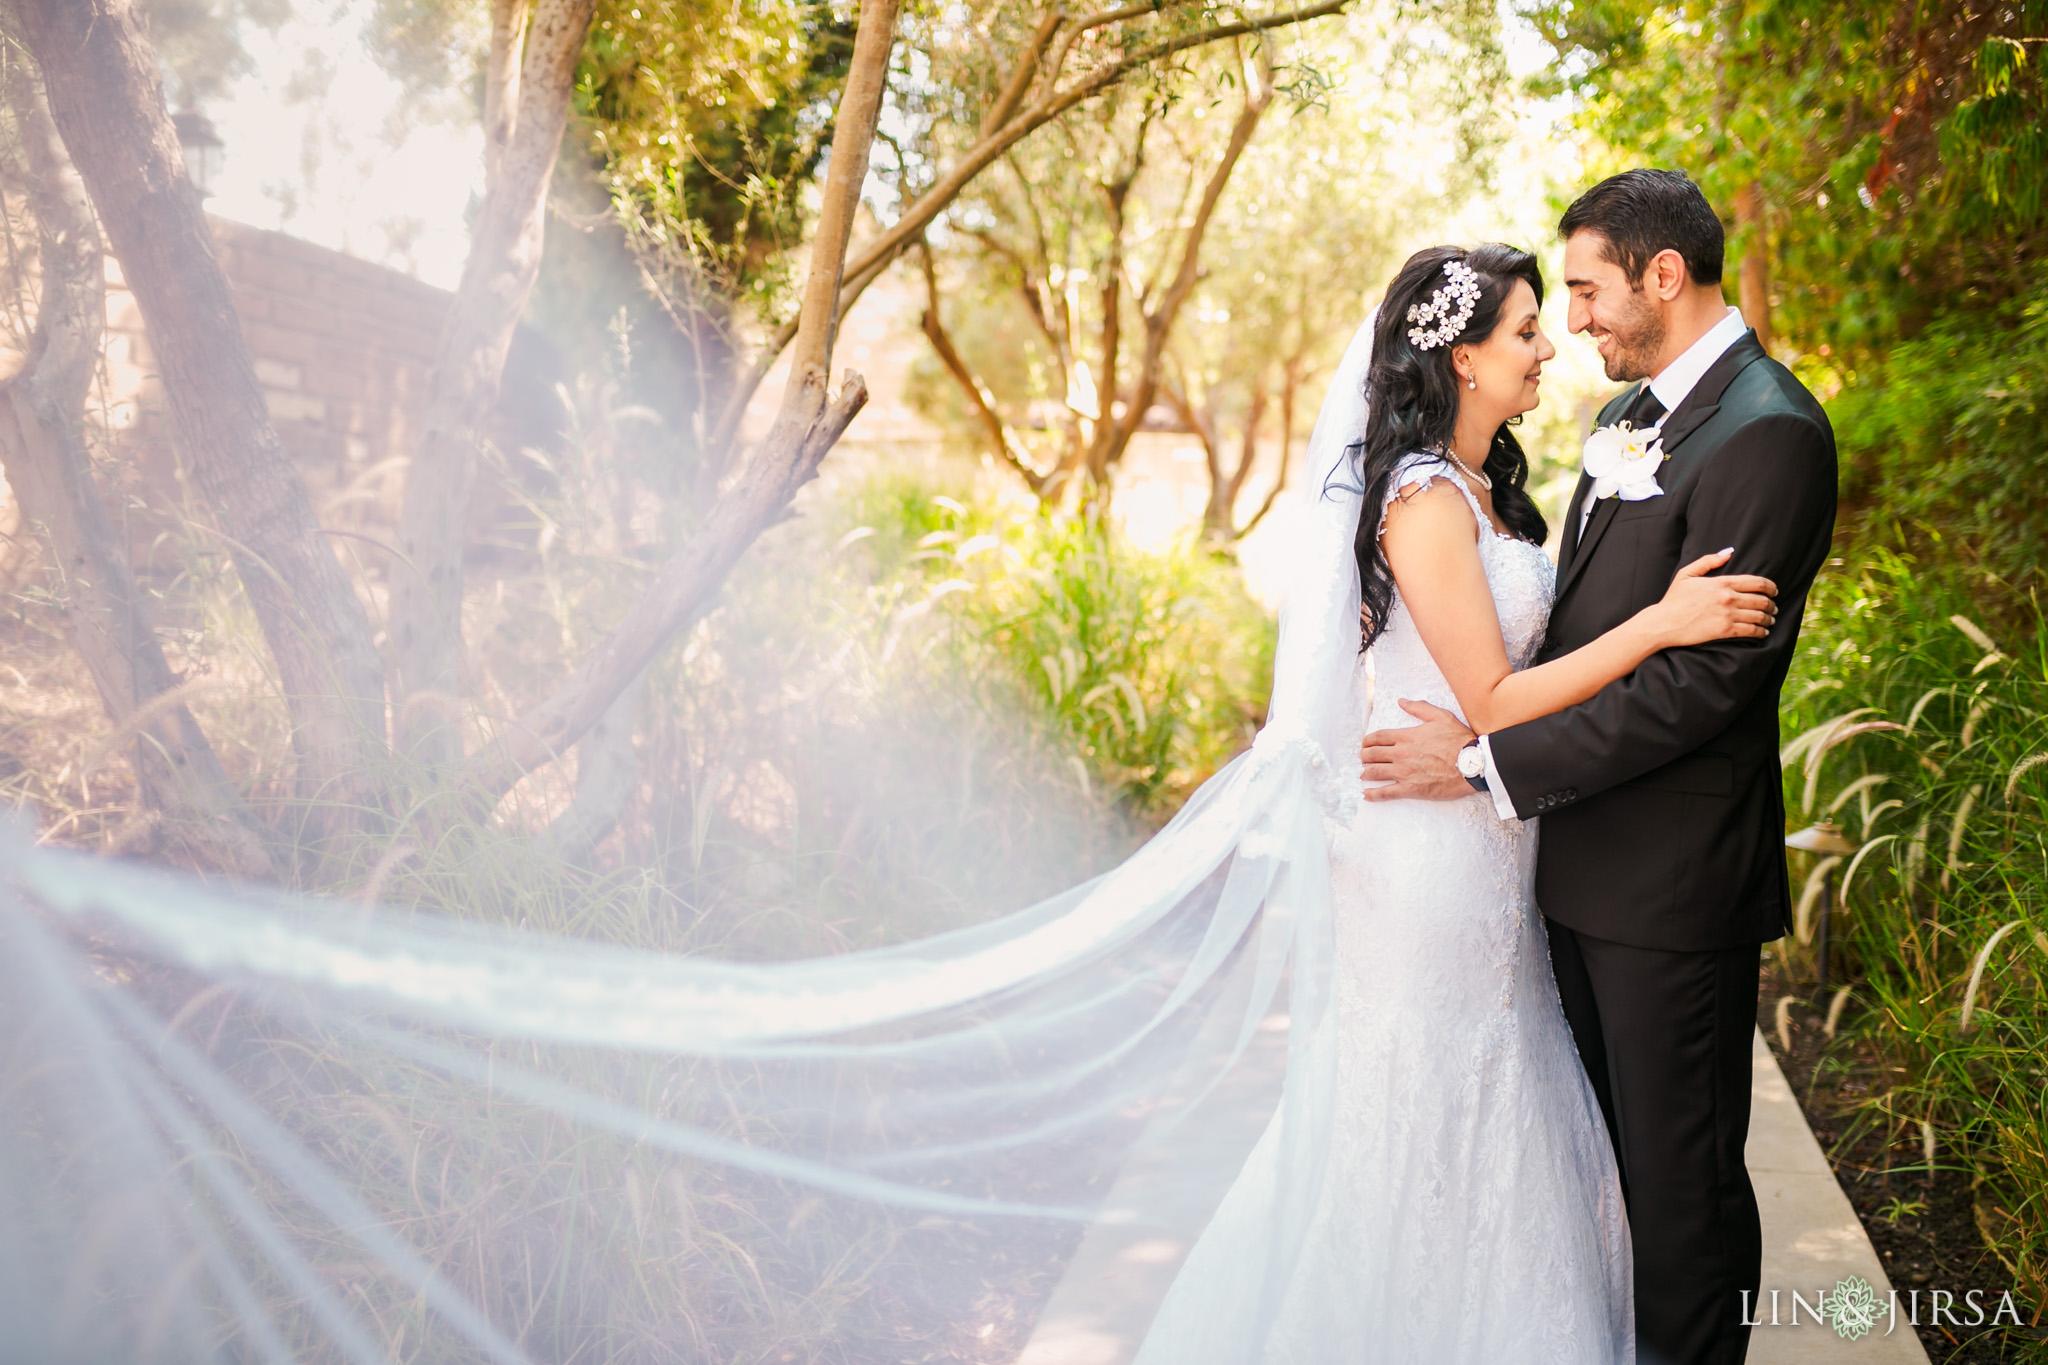 024 estancia la jolla hotel spa persian wedding photography